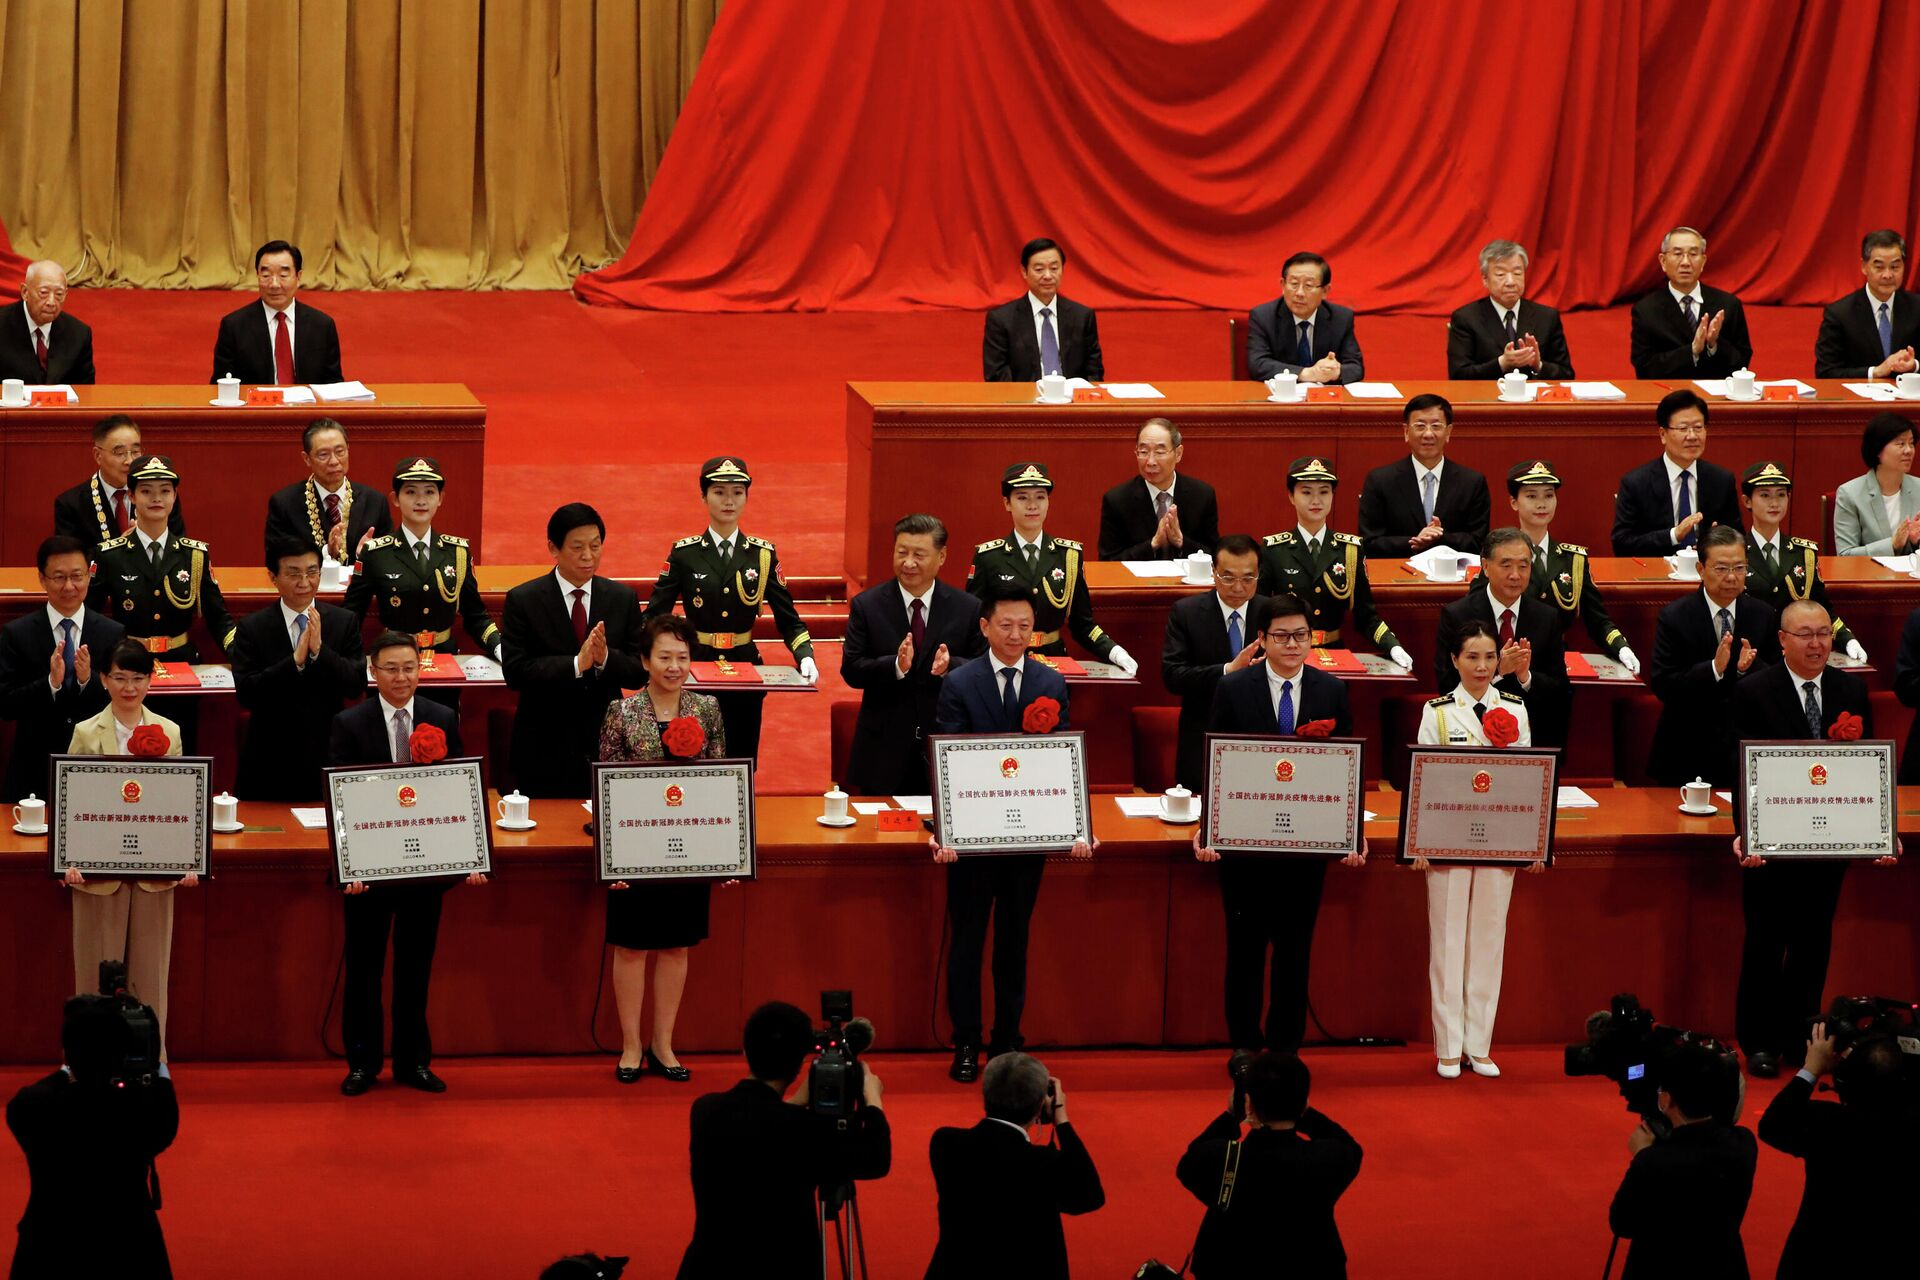 Председатель КНР Си Цзиньпин во время церемонии награждения лиц и коллективов за вклад в борьбу с эпидемией COVID-19 в Доме народных собраний в Пекине - РИА Новости, 1920, 07.10.2020